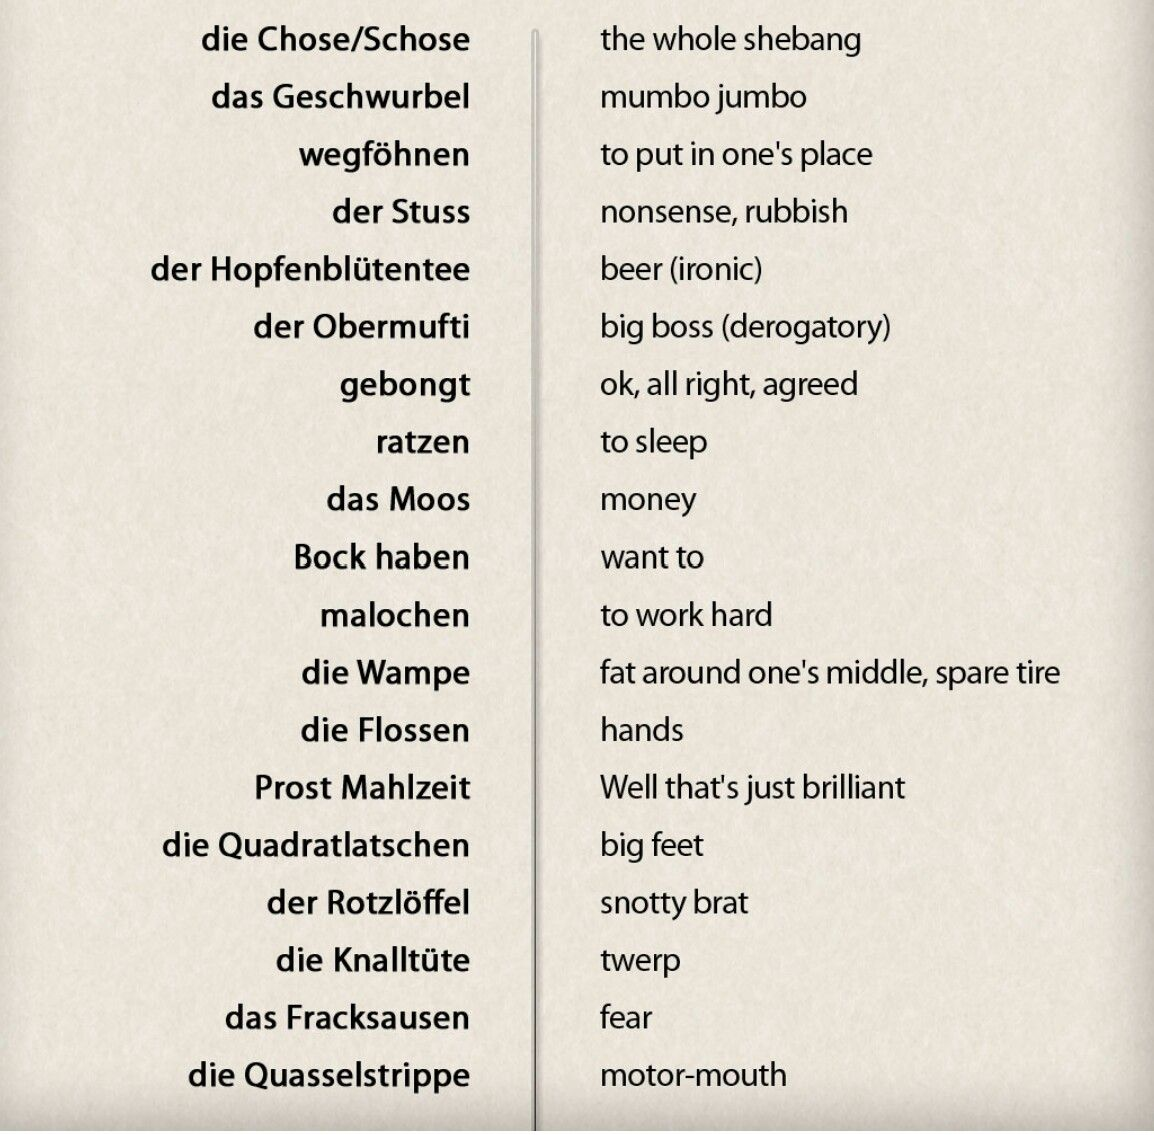 tysk slang